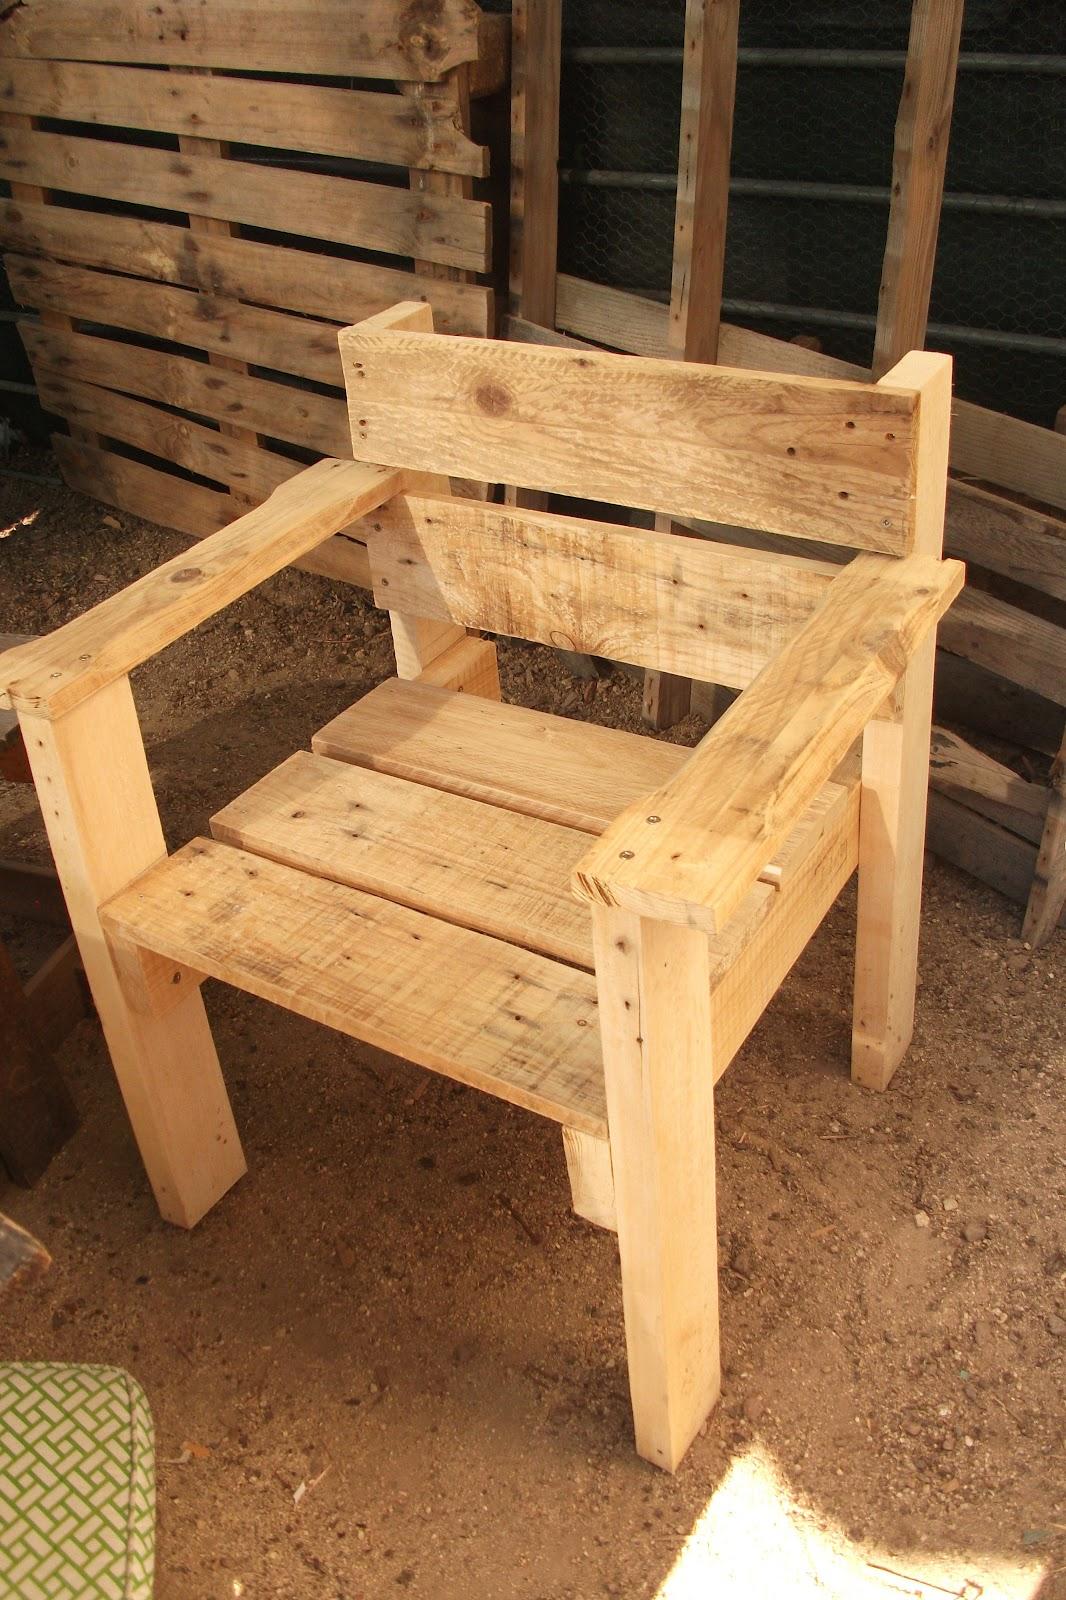 Renovarte con palets para el descanso os ponemos ideas de sillones butacas esquineros - Sillas hechas con palets ...